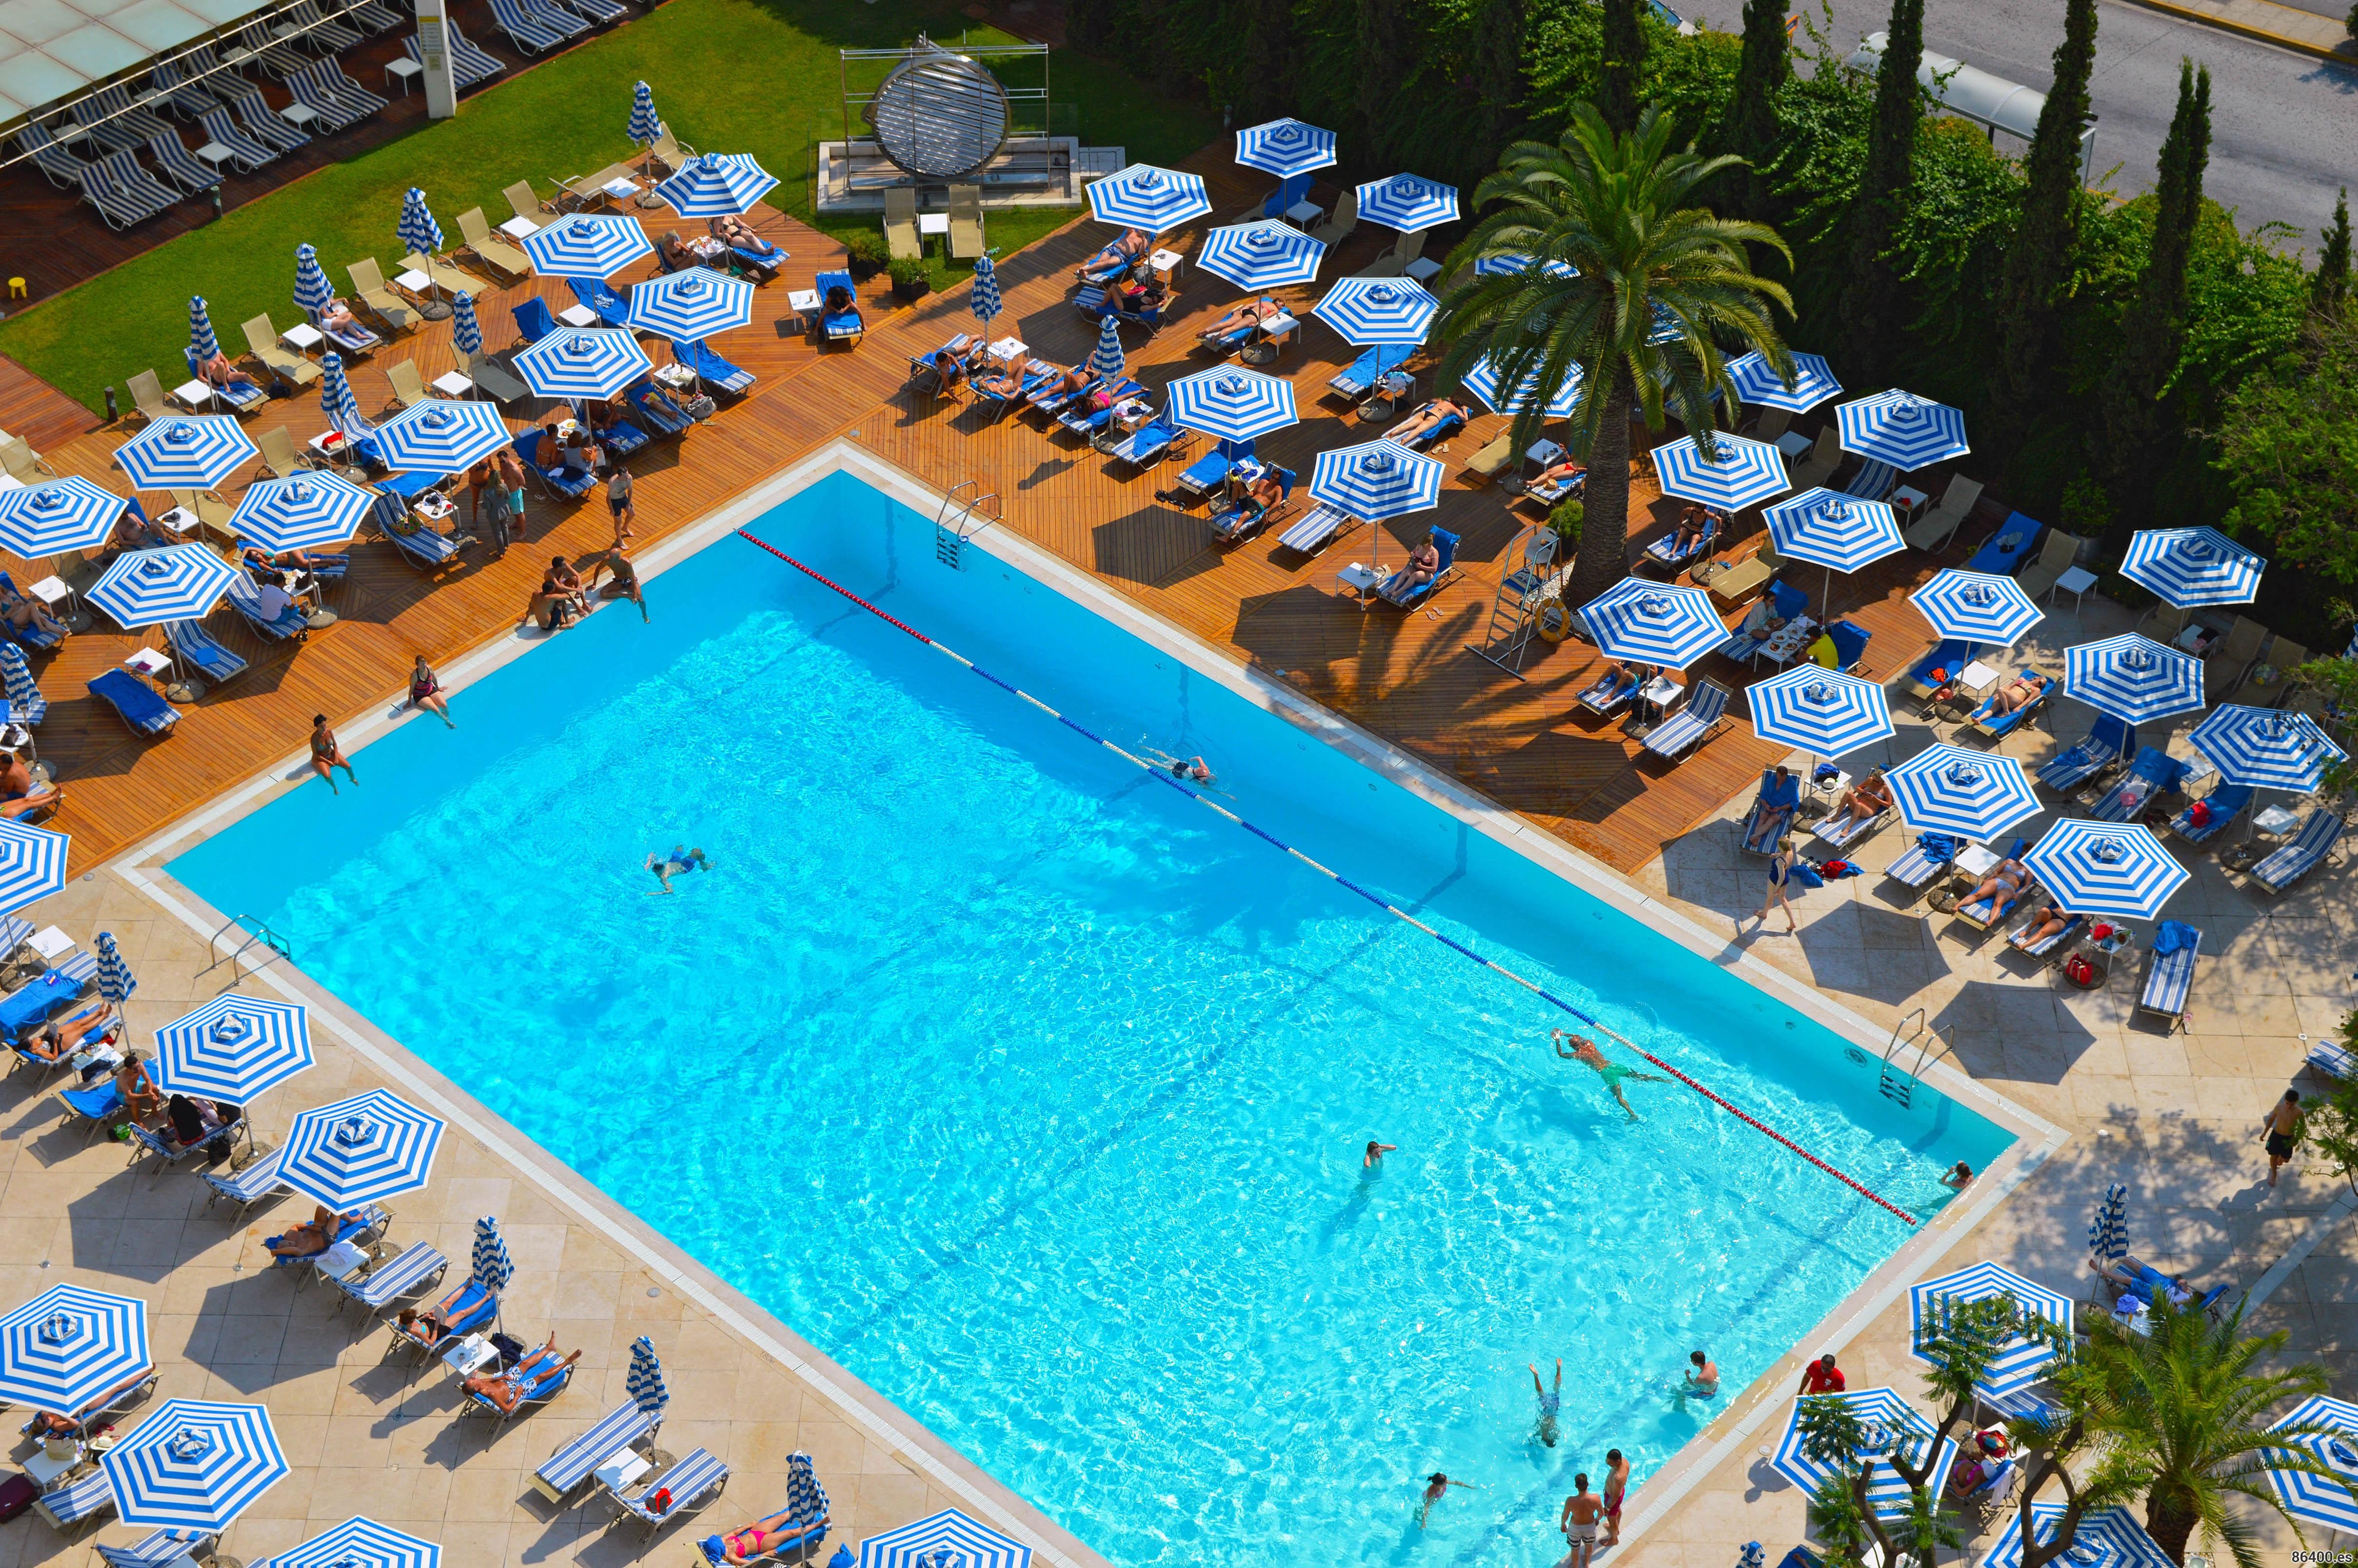 Piscina del hotel Hilton de Atenas